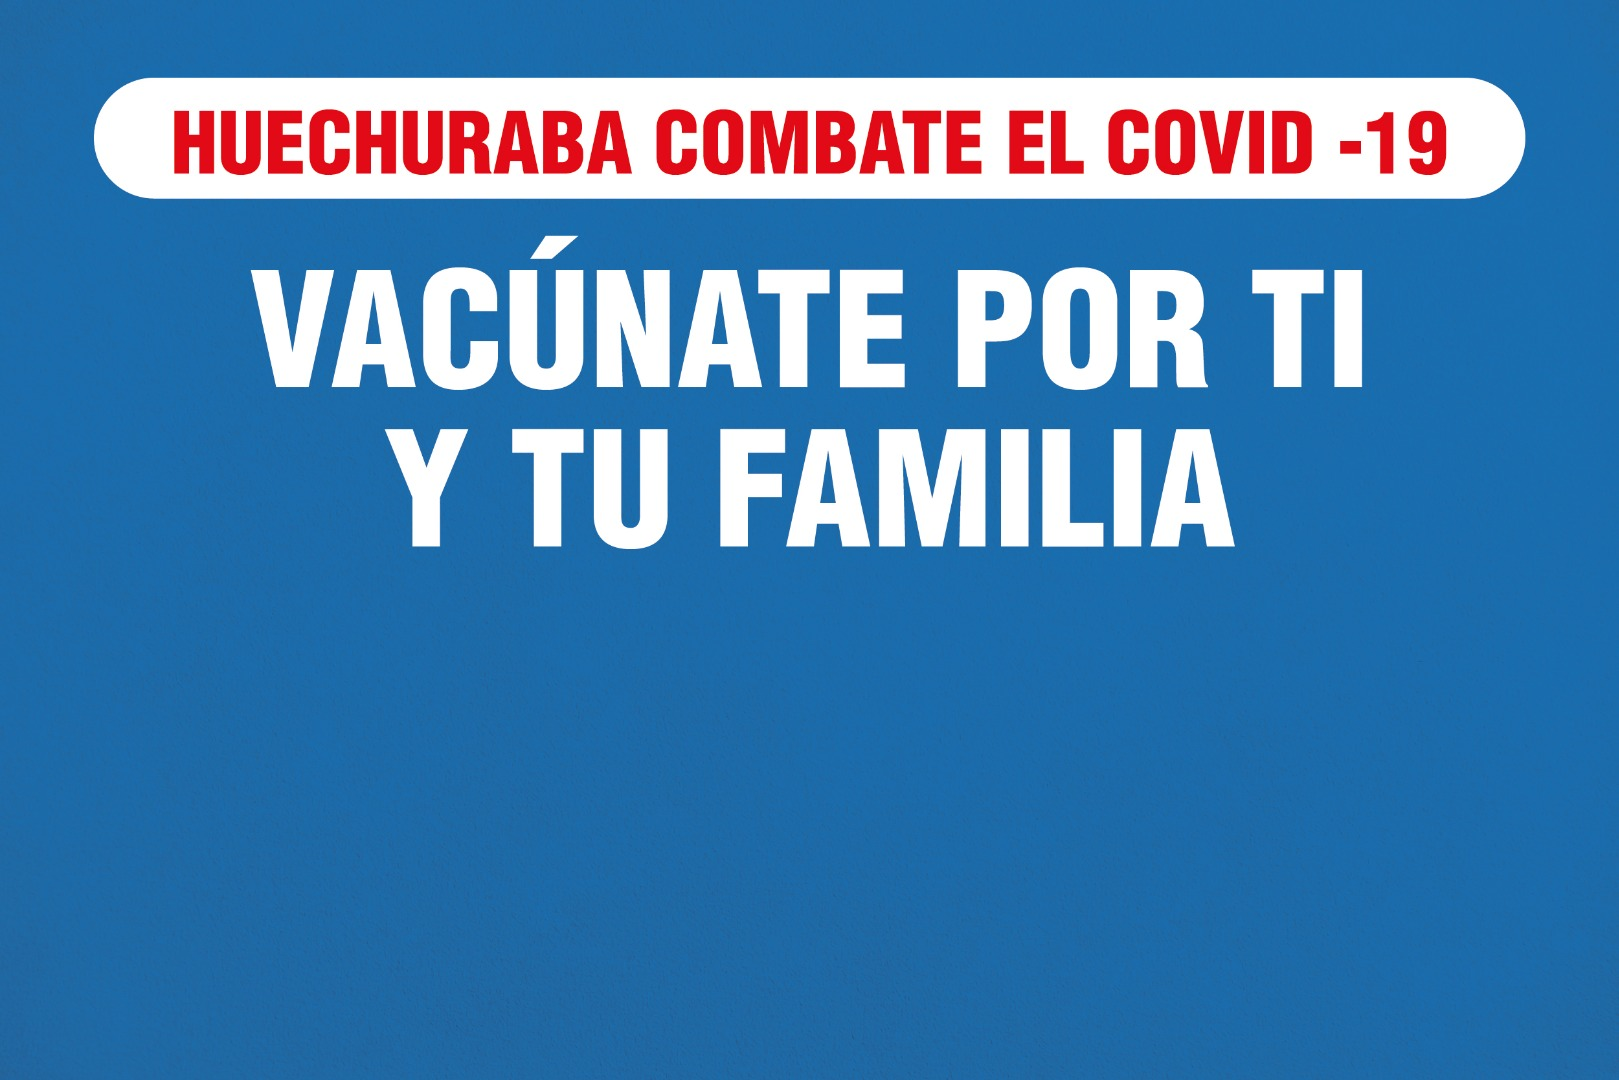 Huechuraba da a conocer nuevo calendario de vacunación contra el Covid-19